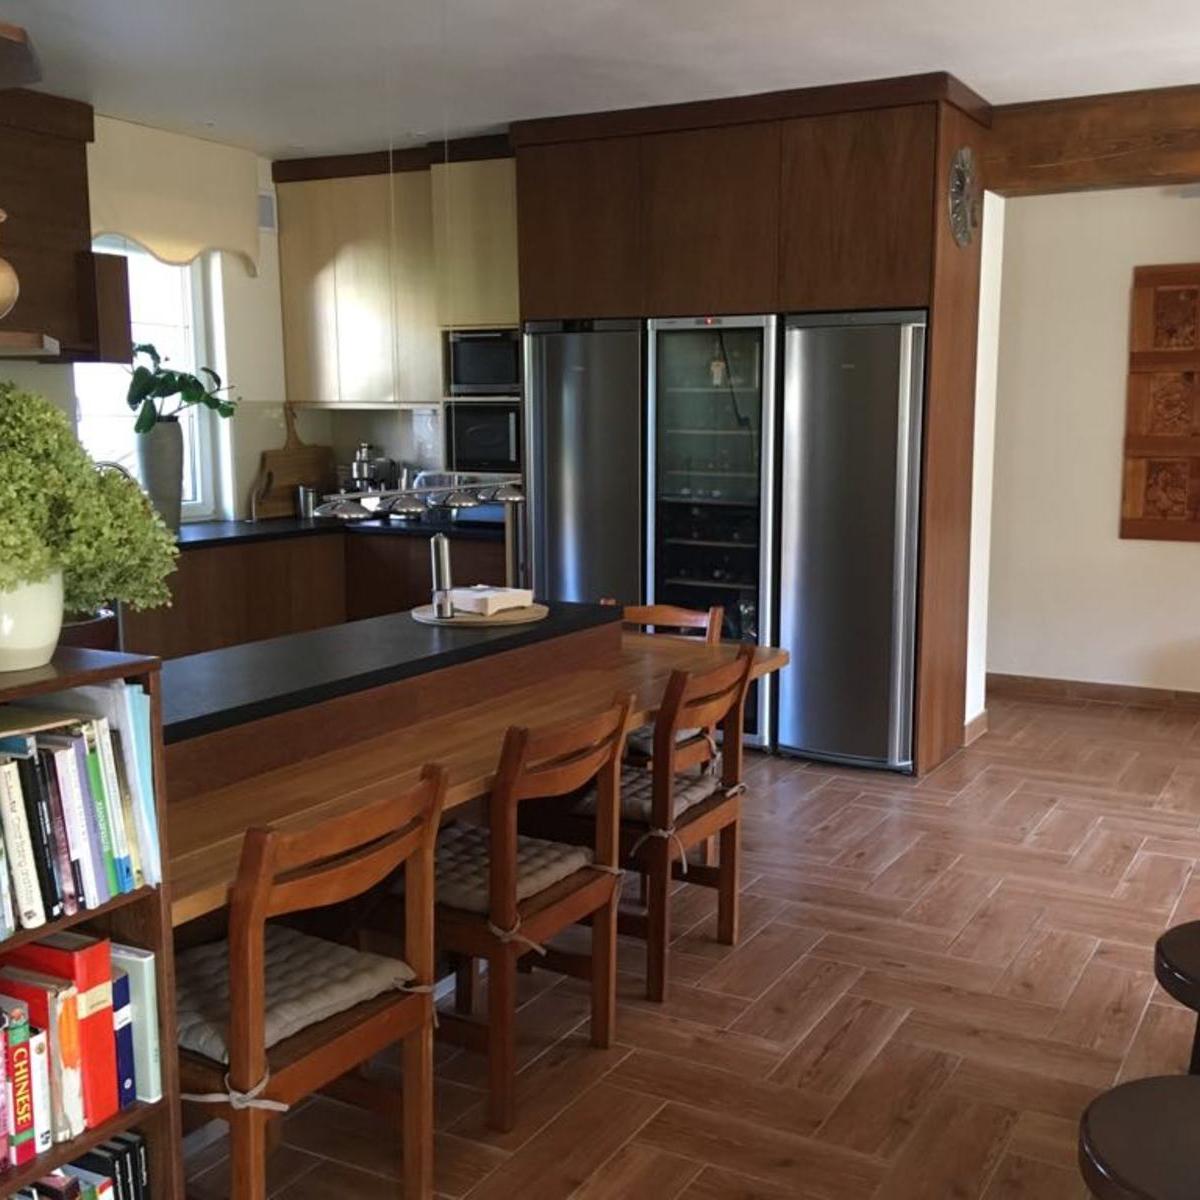 Eladó  családi ház (Pest megye, Fót, Móricz Zsigmond utca) 134 M  Ft